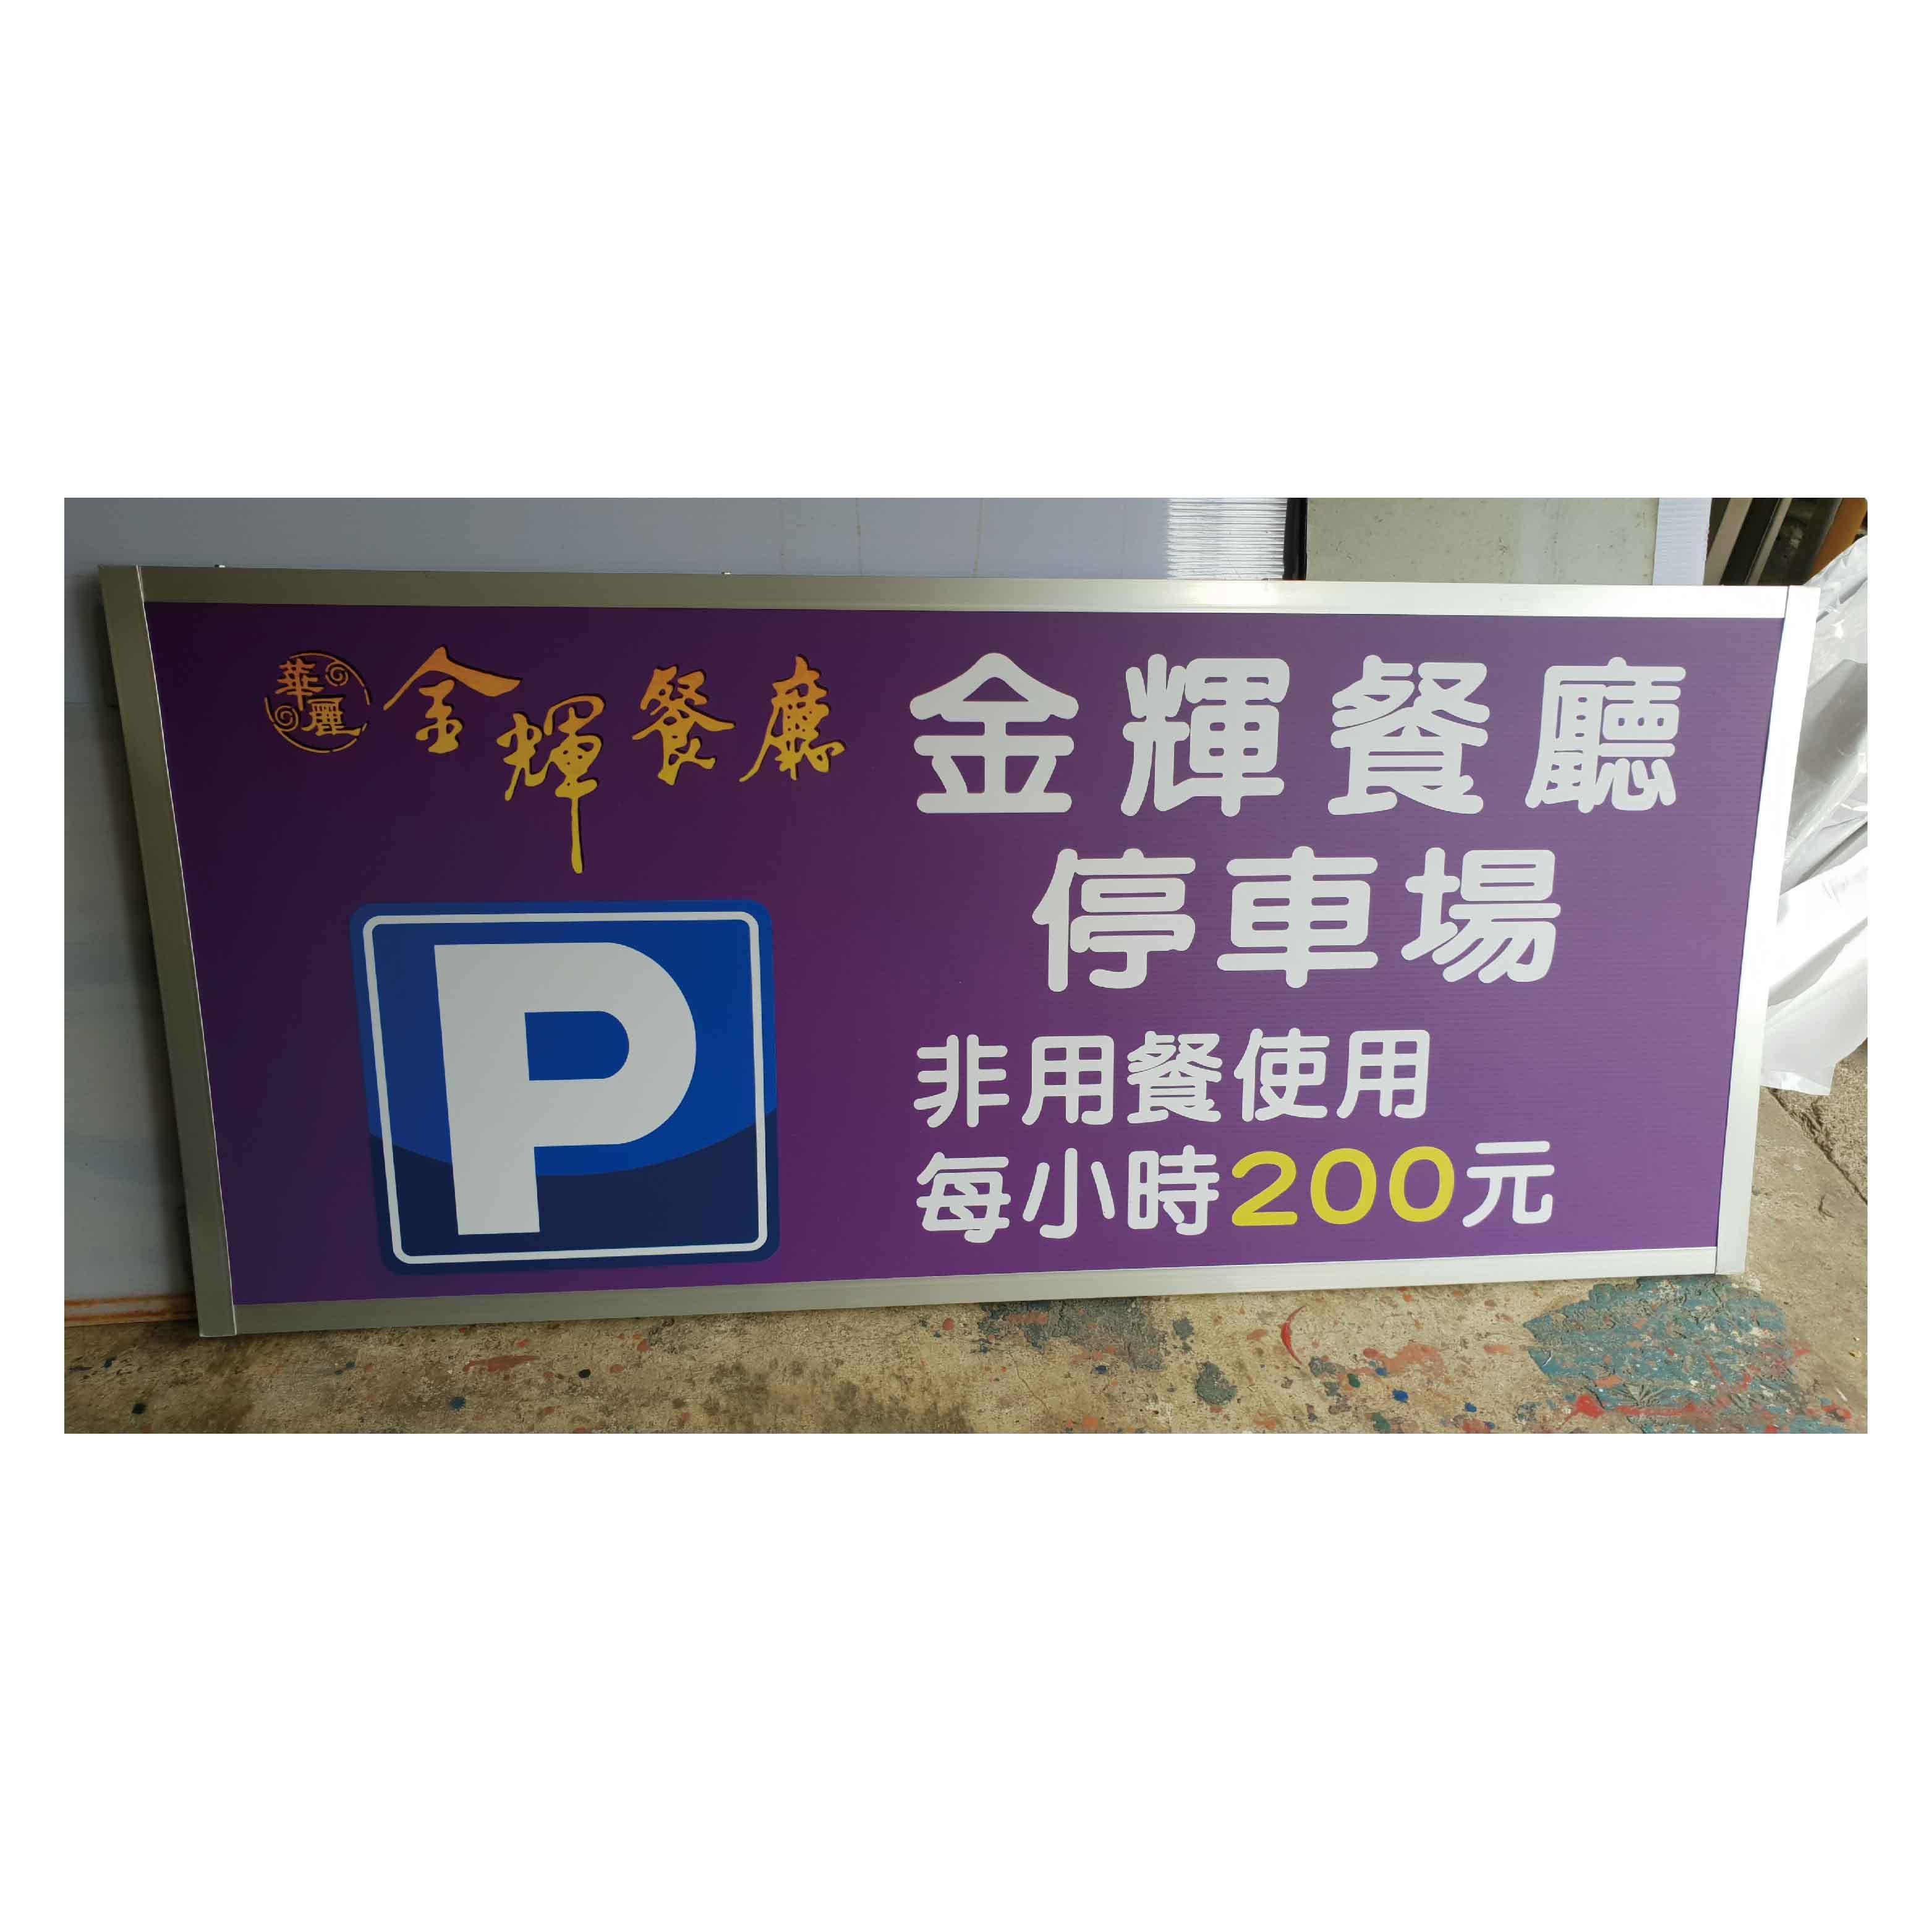 停車場招牌